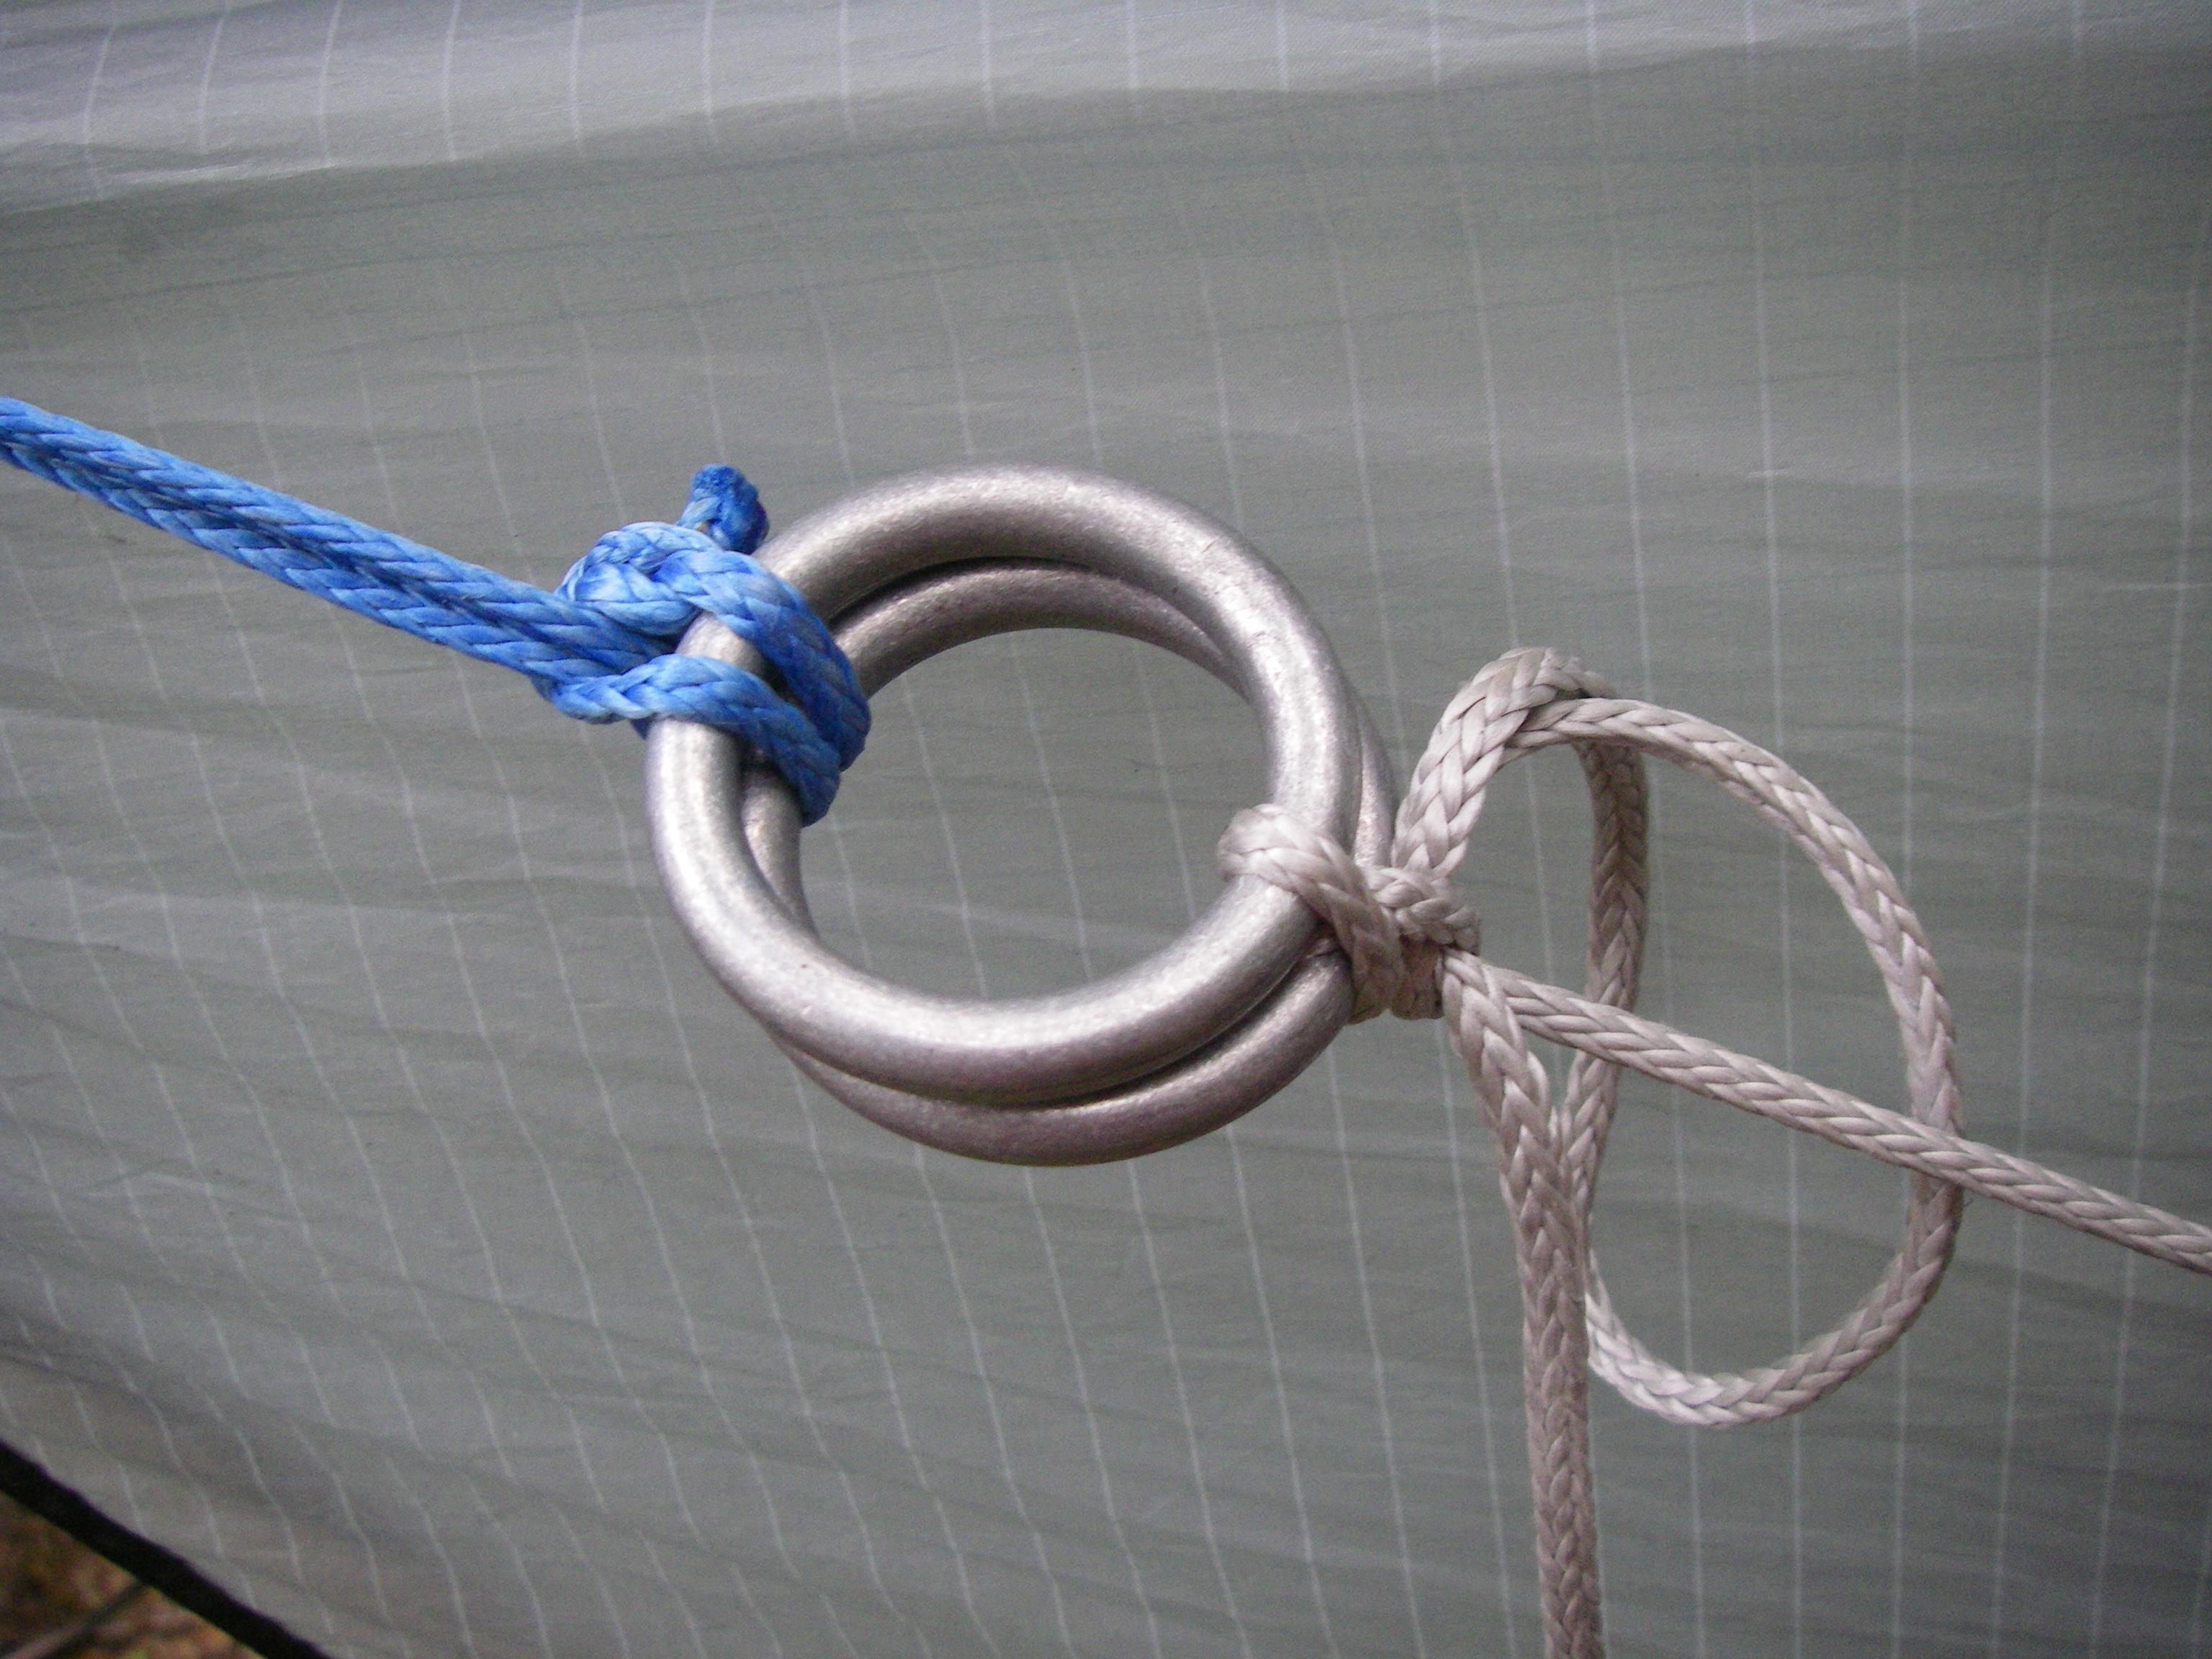 garda hitch amsteel blue garda hitch amsteel blue   hammock forums gallery  rh   hammockforums